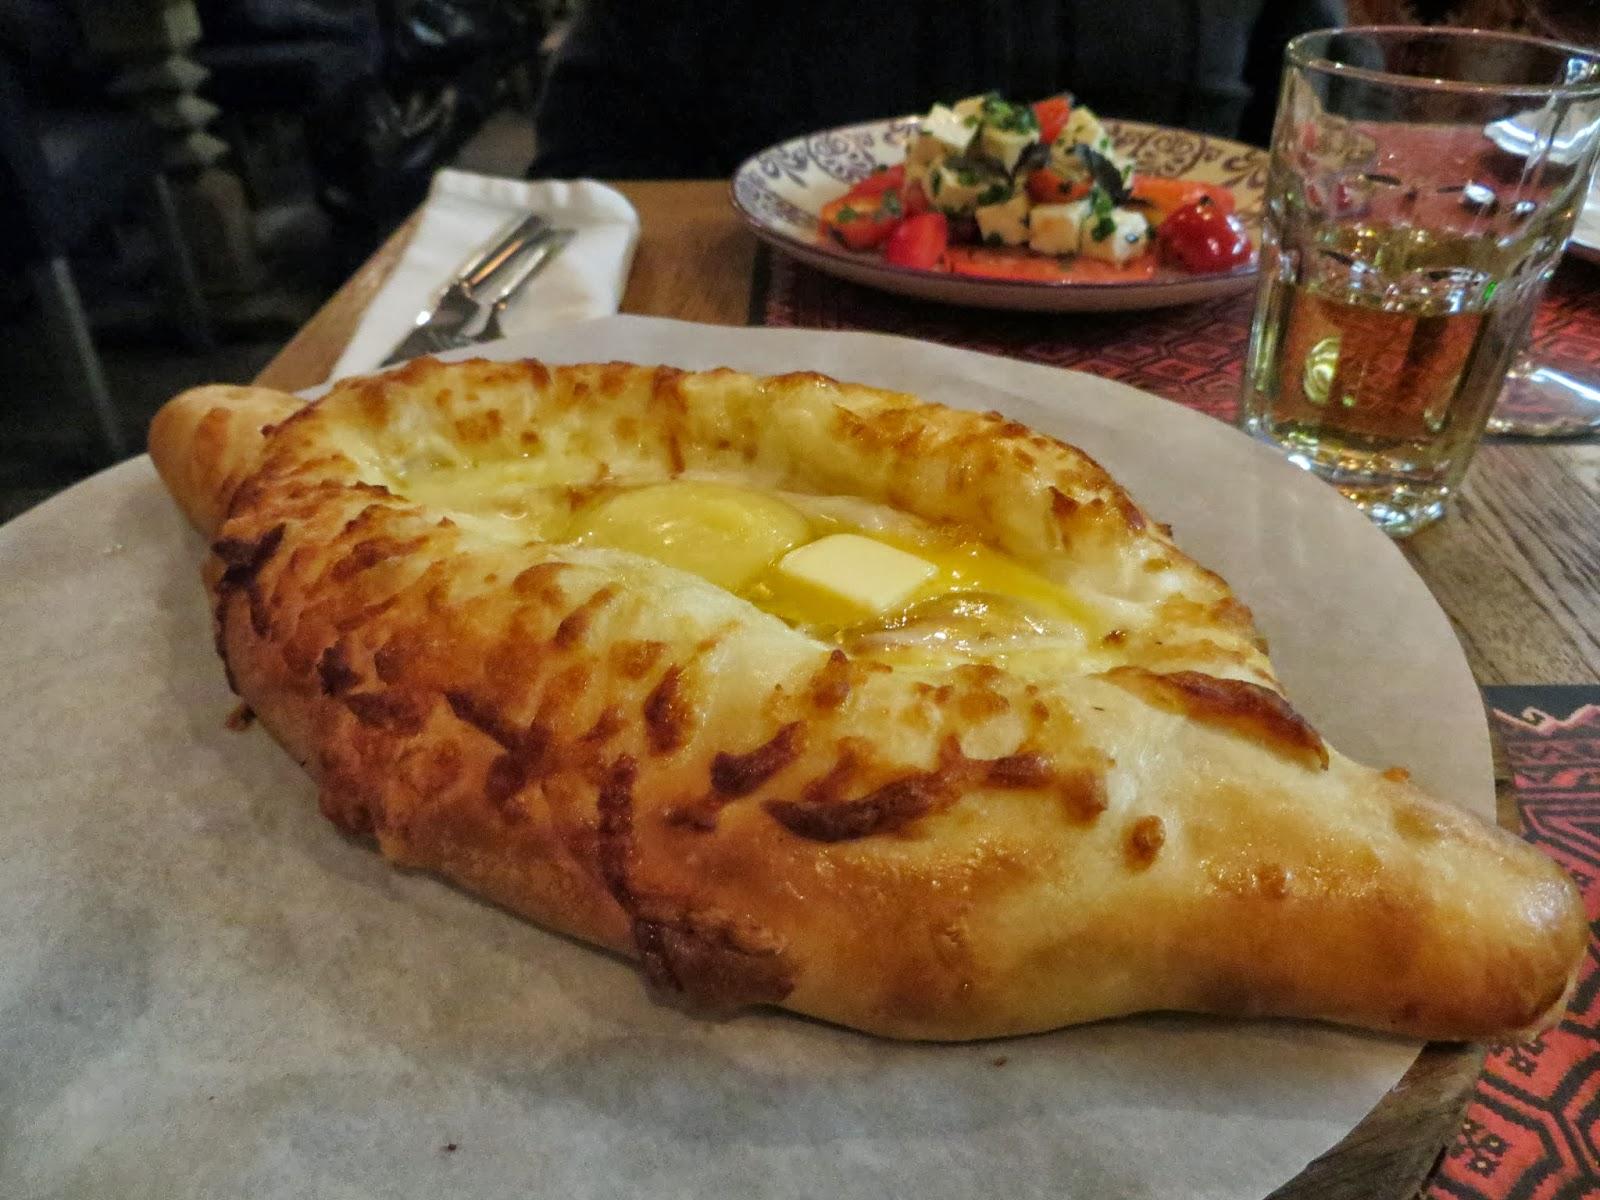 Maistamista Georgialainen ravintola  Haluan hartsoa  Pietarissa